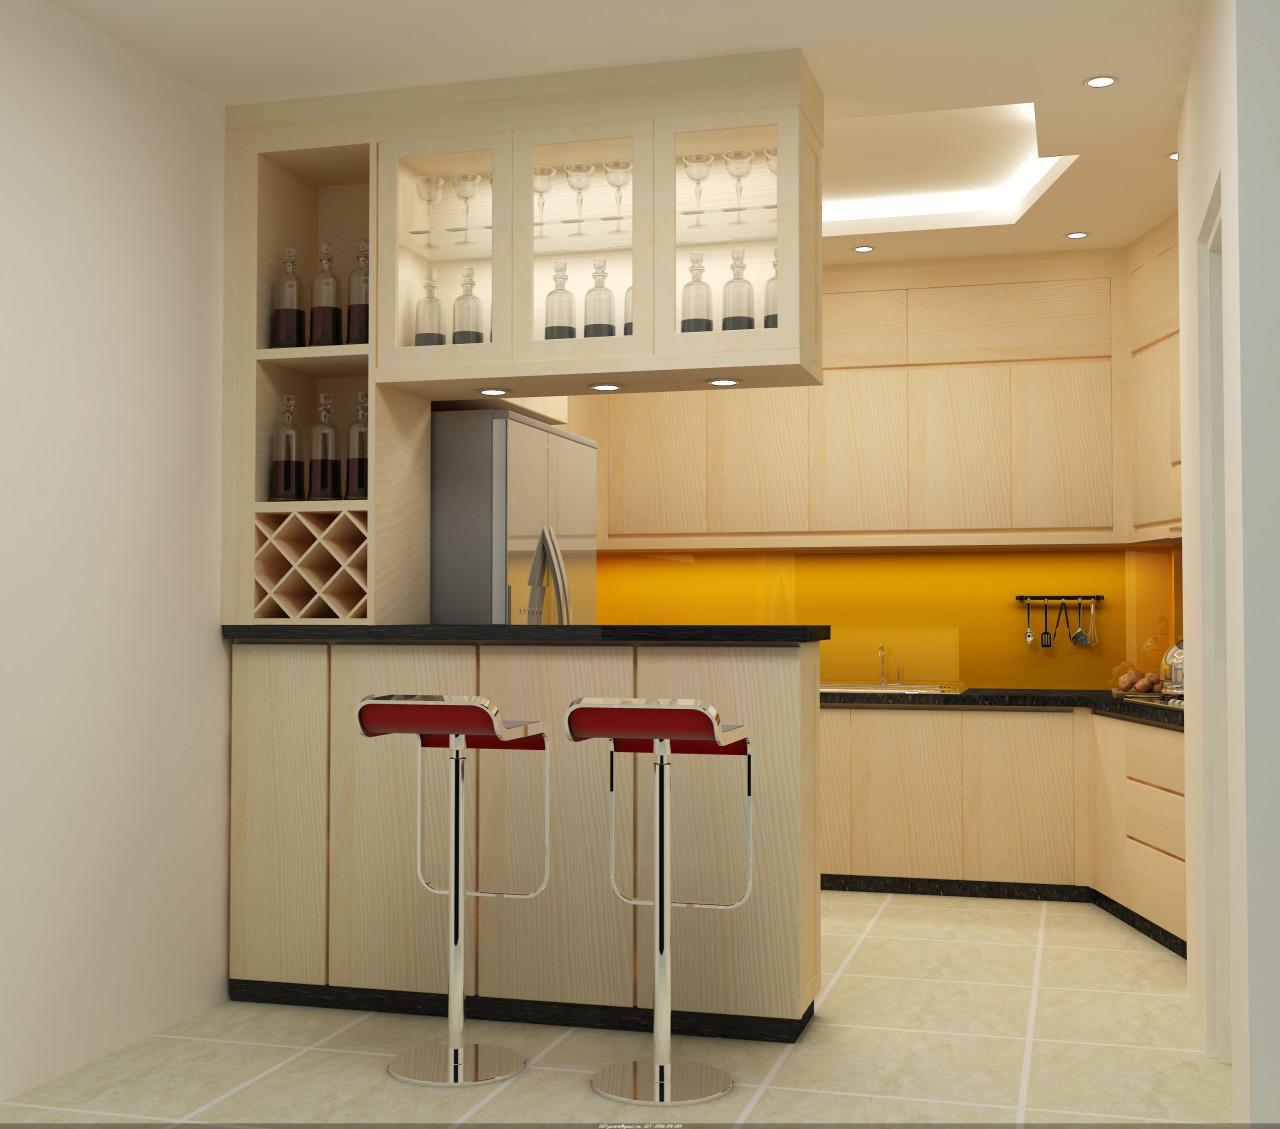 Tư vấn thiết kế nội thất căn hộ chung cư theo dạng studio có diện tích 44m² để cho thuê với chi phí 42 triệu - Ảnh 5.